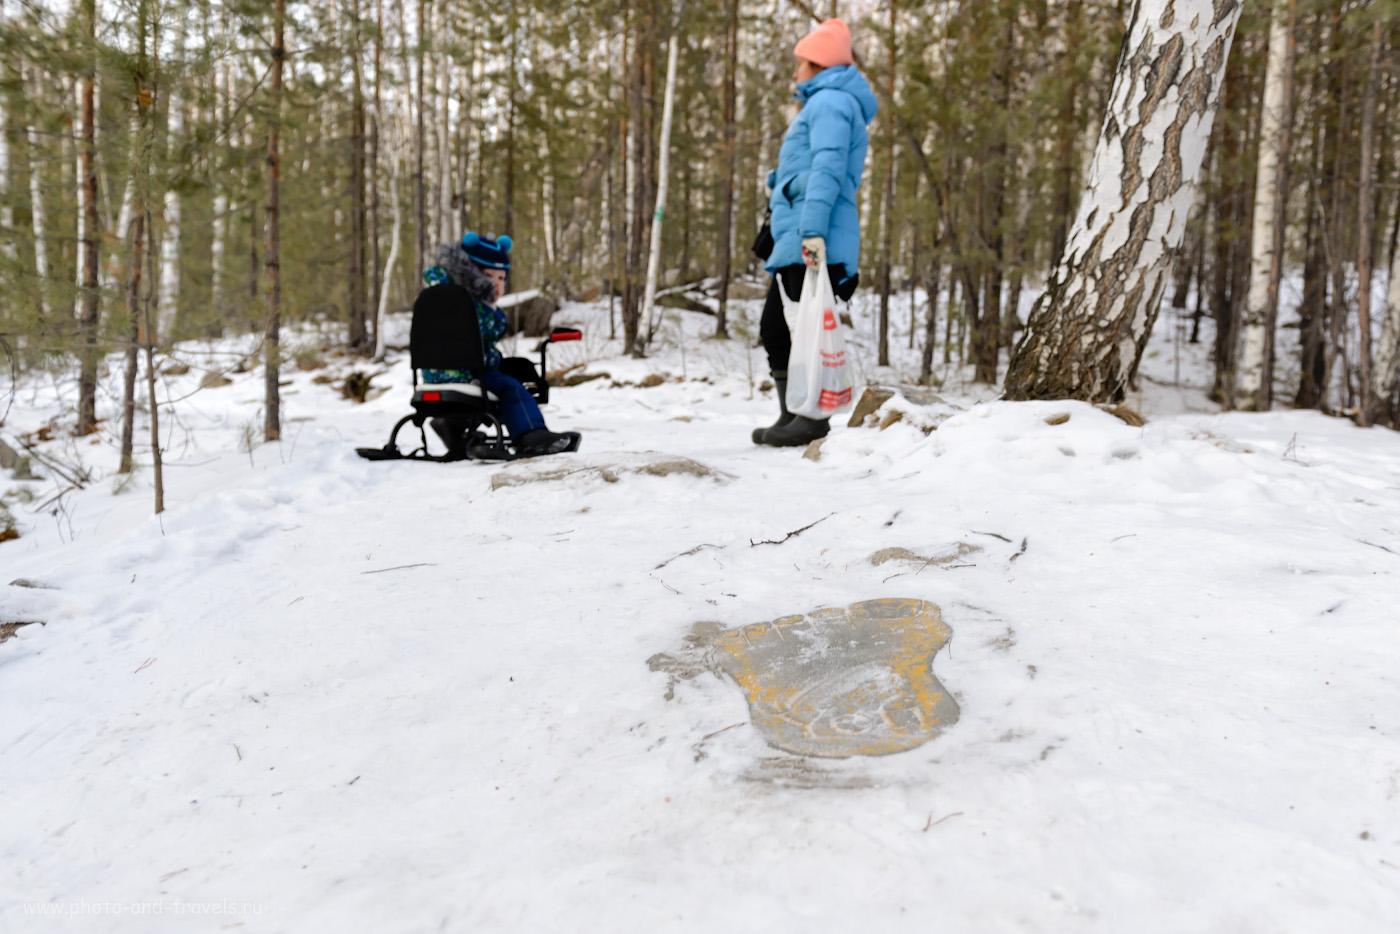 Фотография 9. След снежного человека на тропе ко входу в штольню слюдорудника. Как найти достопримечательность самостоятельно. 1/50, 3.5, 350, +1.0, 24.